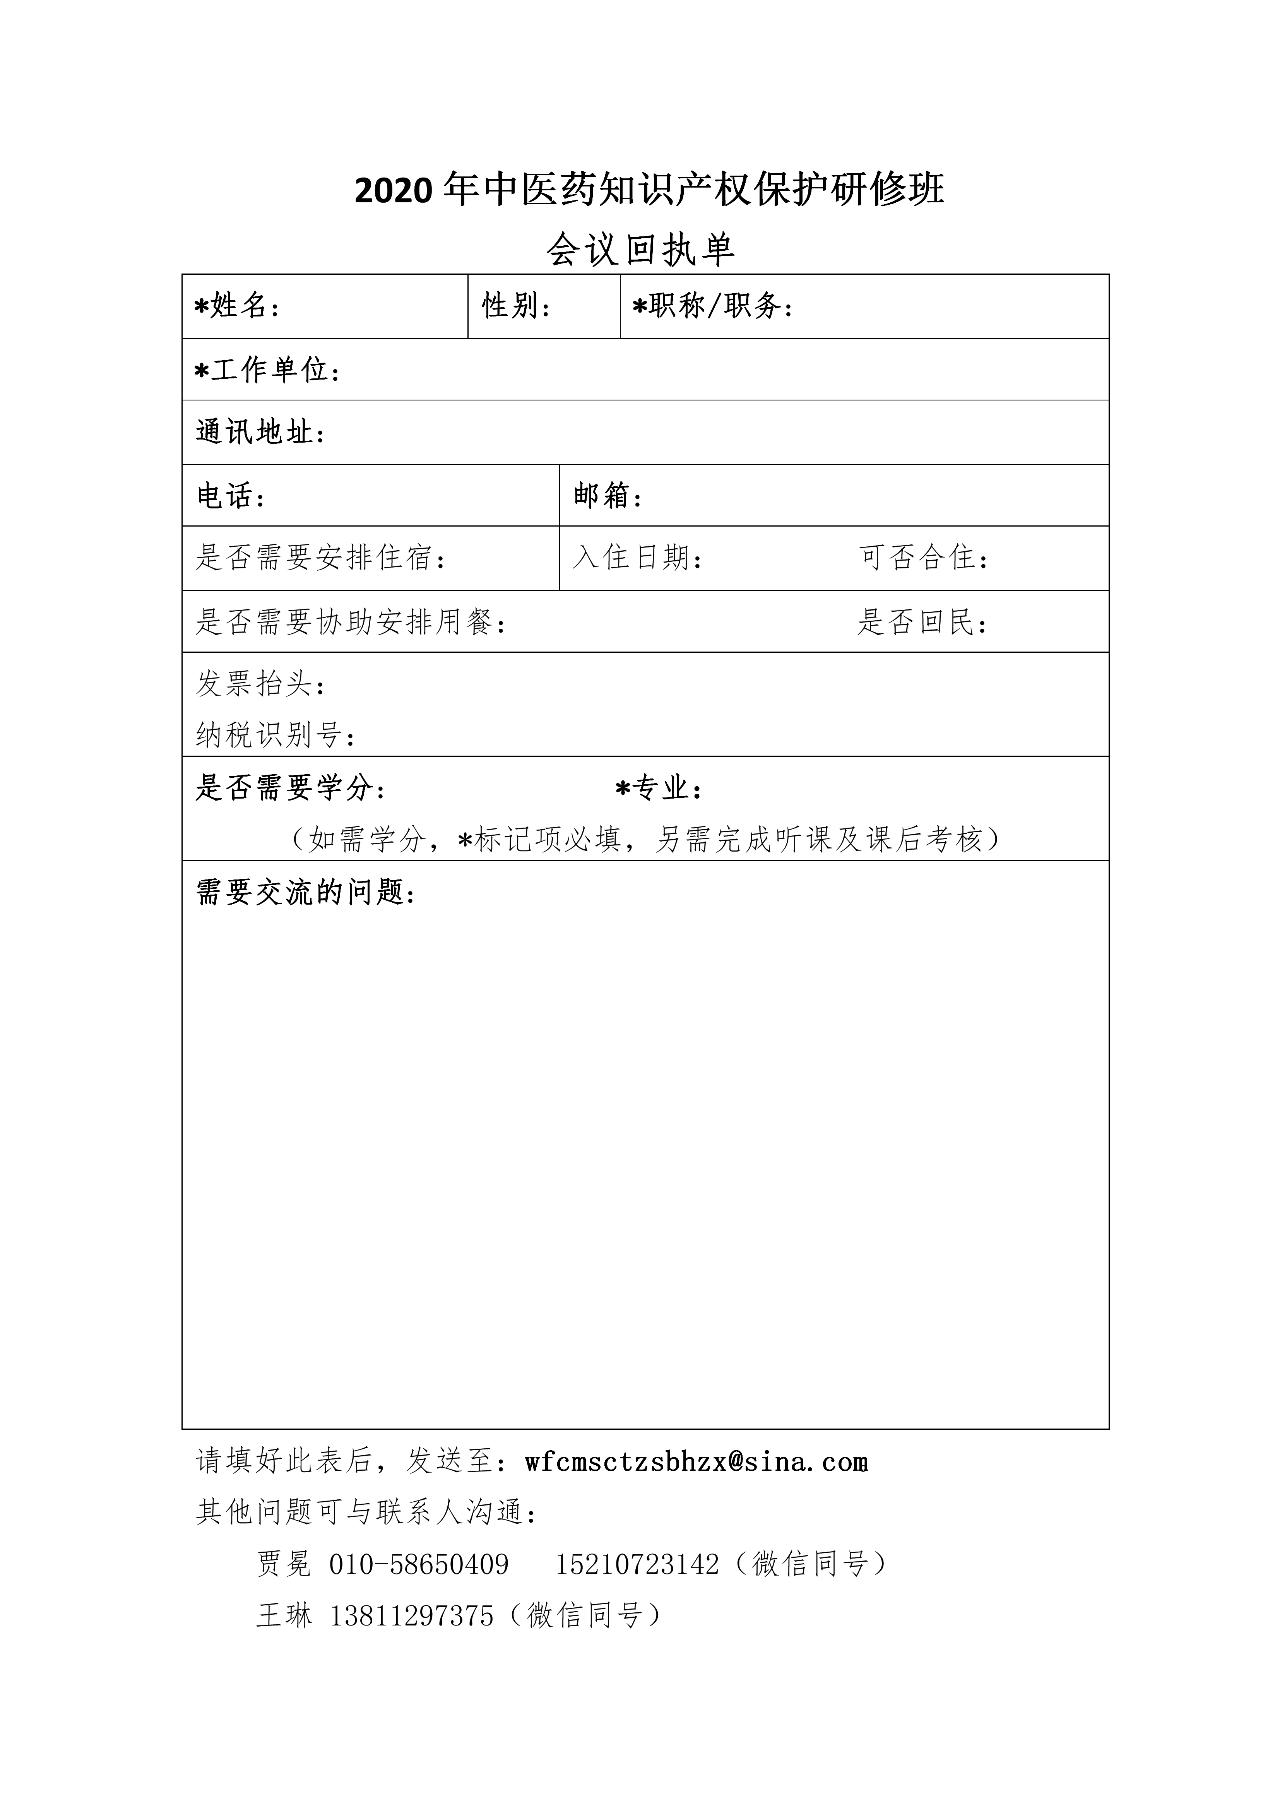 活动通知:2020年世界中联知识产权保护工作委员会第二届学术年会暨中医药知识产权高级研修班将于11月中旬在广州召开